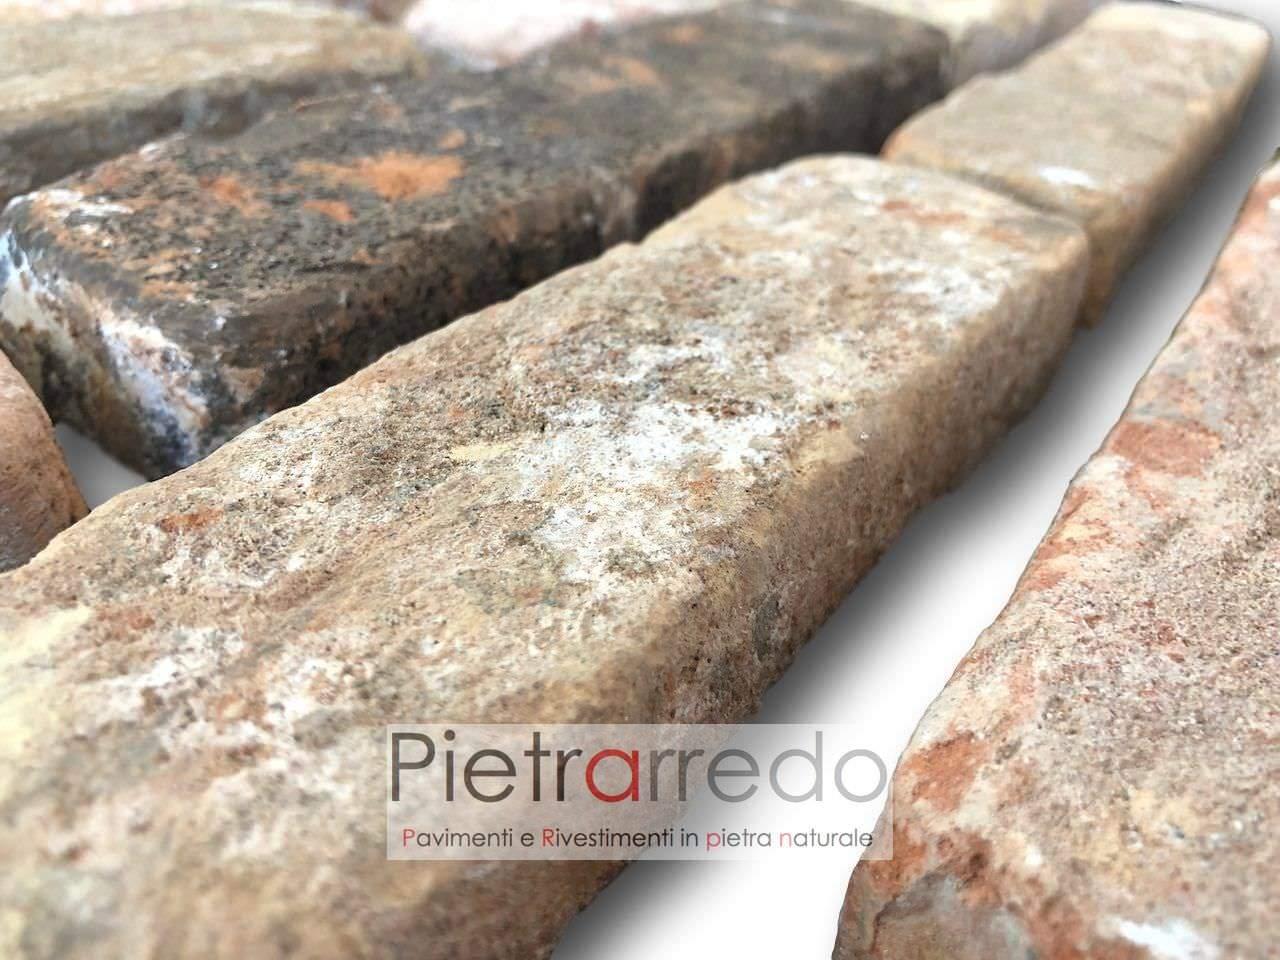 listello in mattone cotto antico vecchie mura antiche cascina rustico pietrarredo costo prezzo